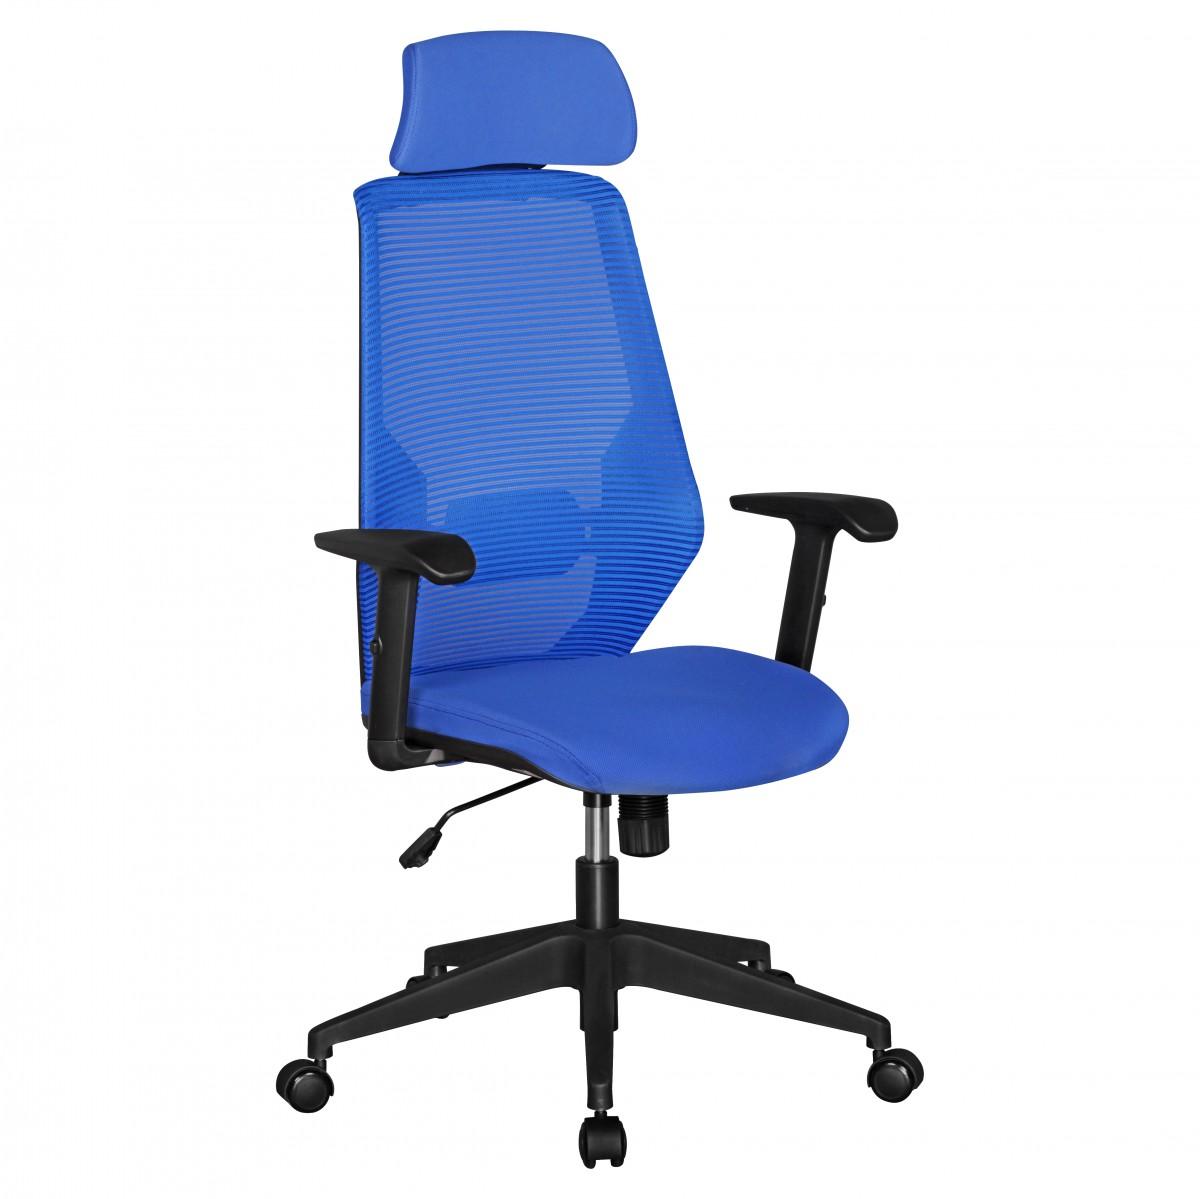 Finebuy space si ge en tissu chaise de bureau fauteuil - Fauteuil de bureau tissu ...